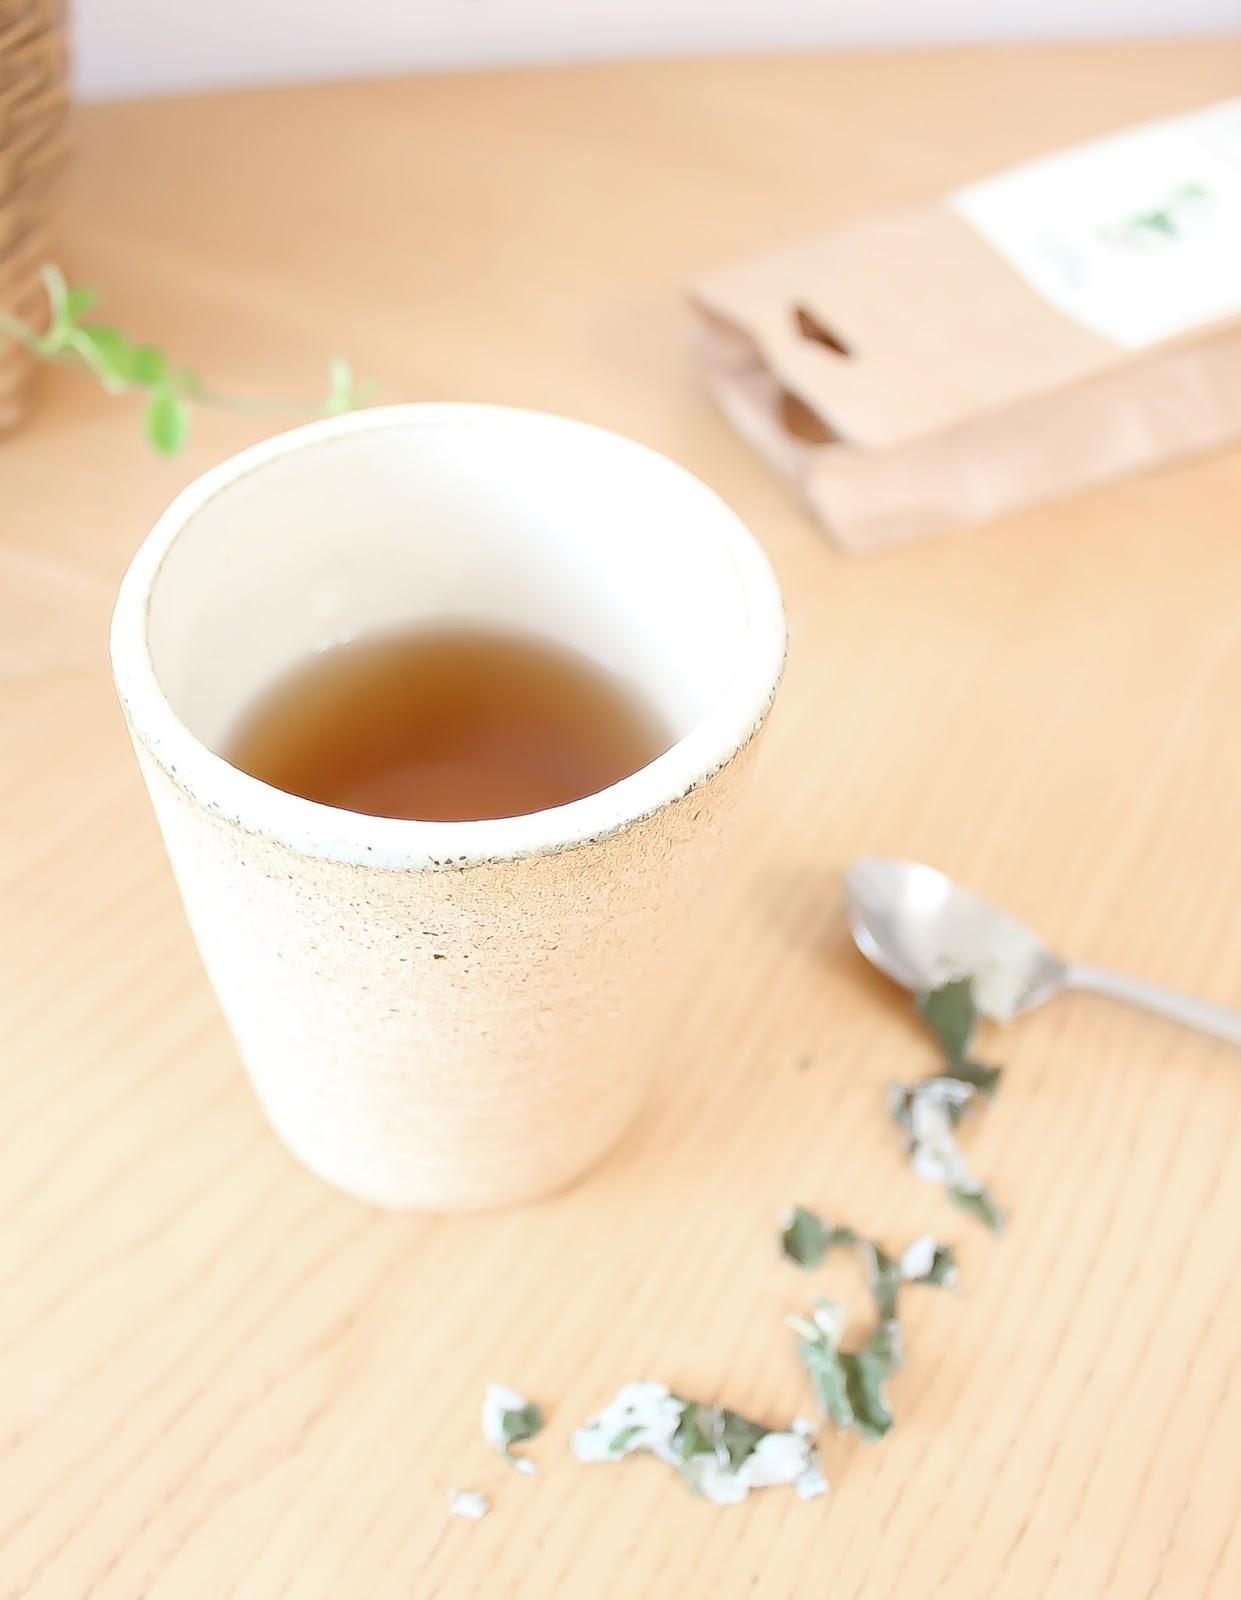 infusion feuilles de framboisier remède naturel efficace contre douleurs règles